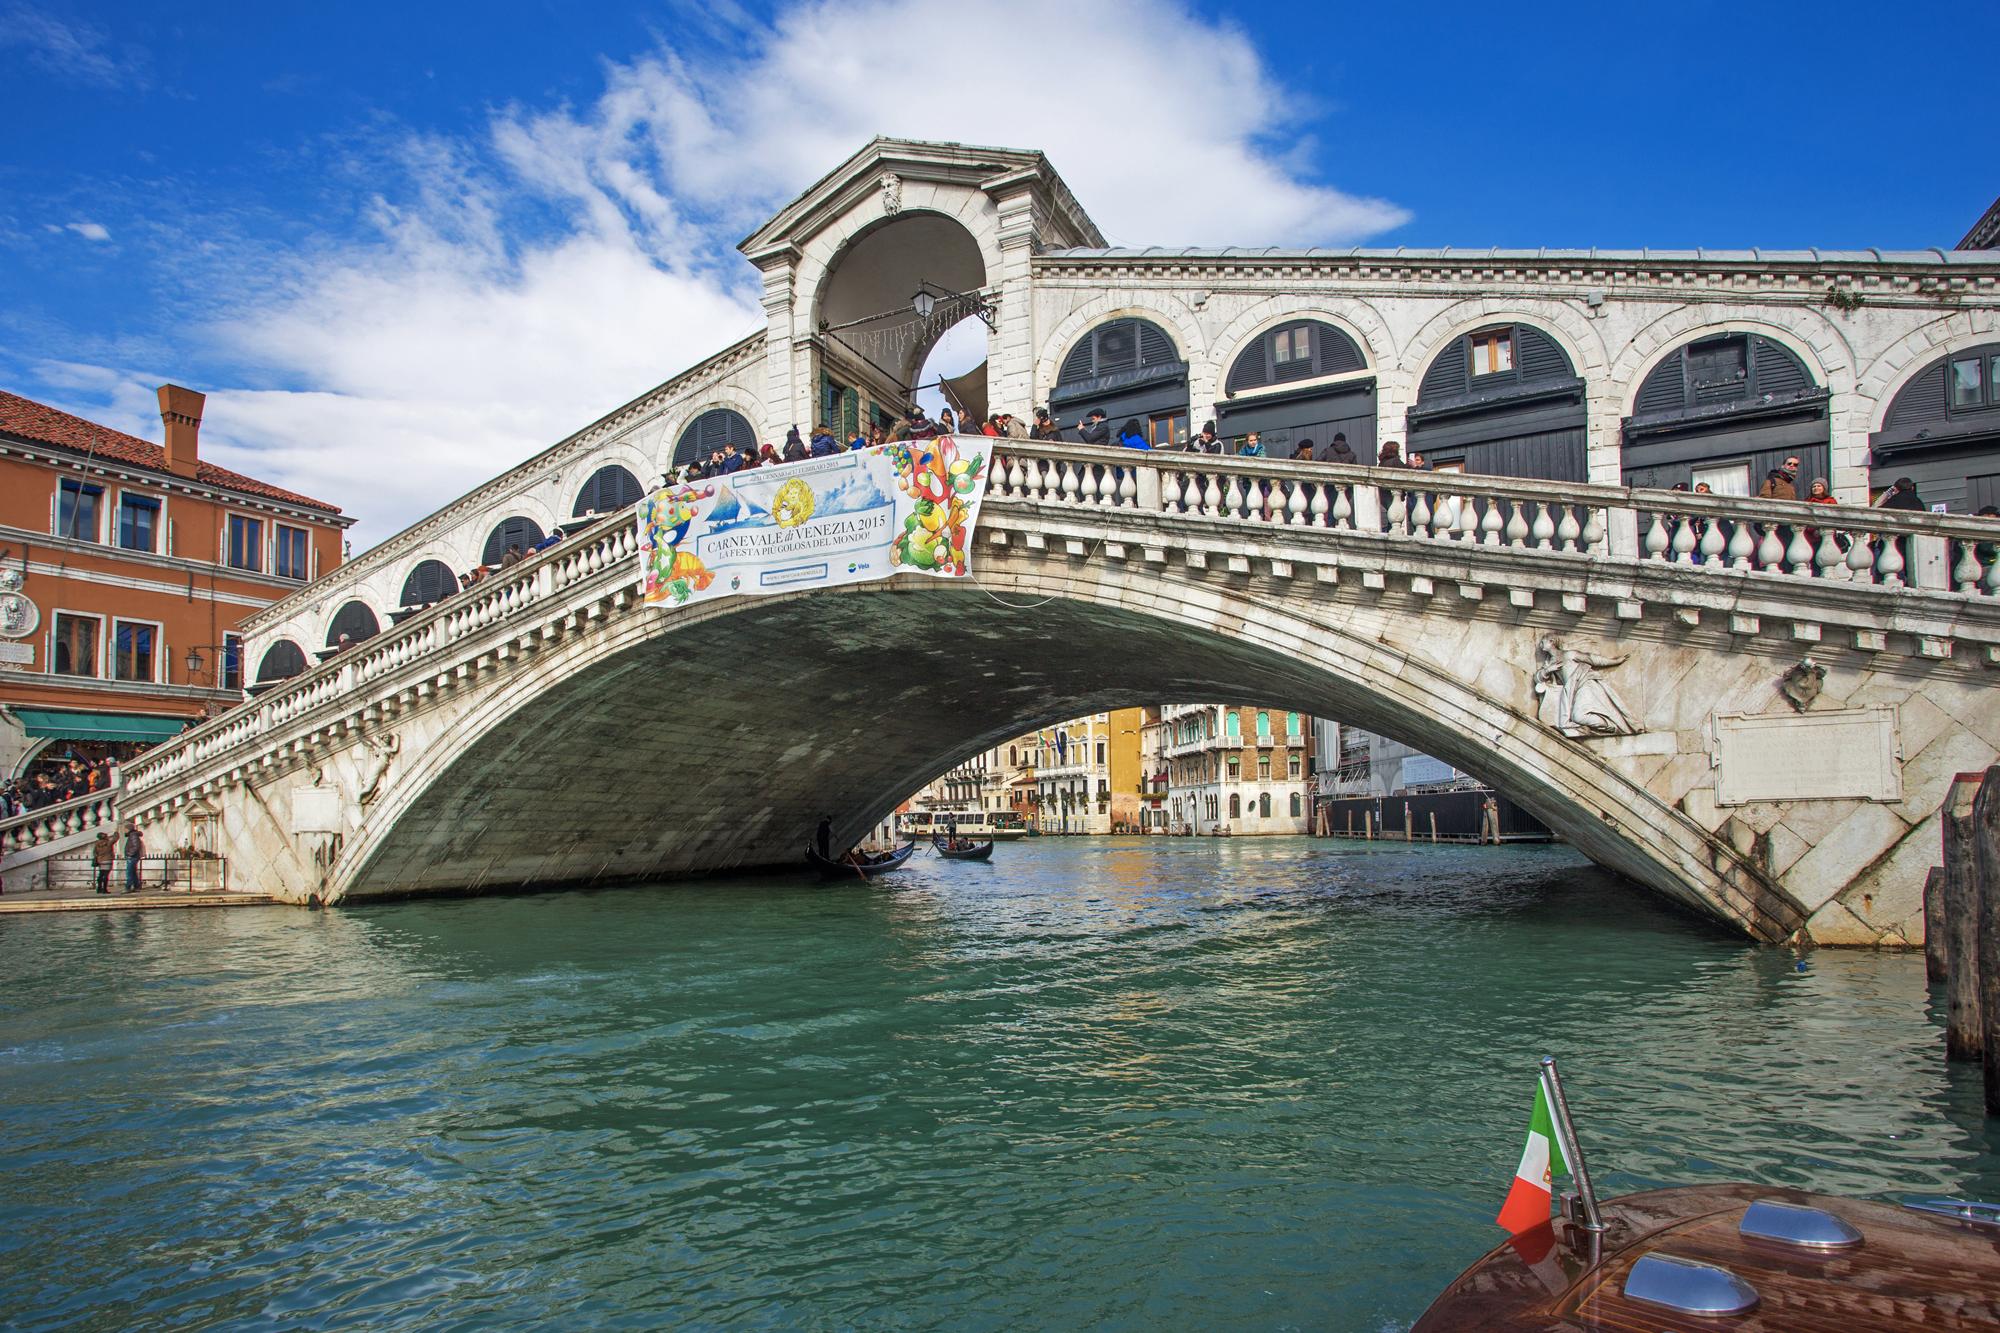 里亚托桥  Rialto Bridge   -0